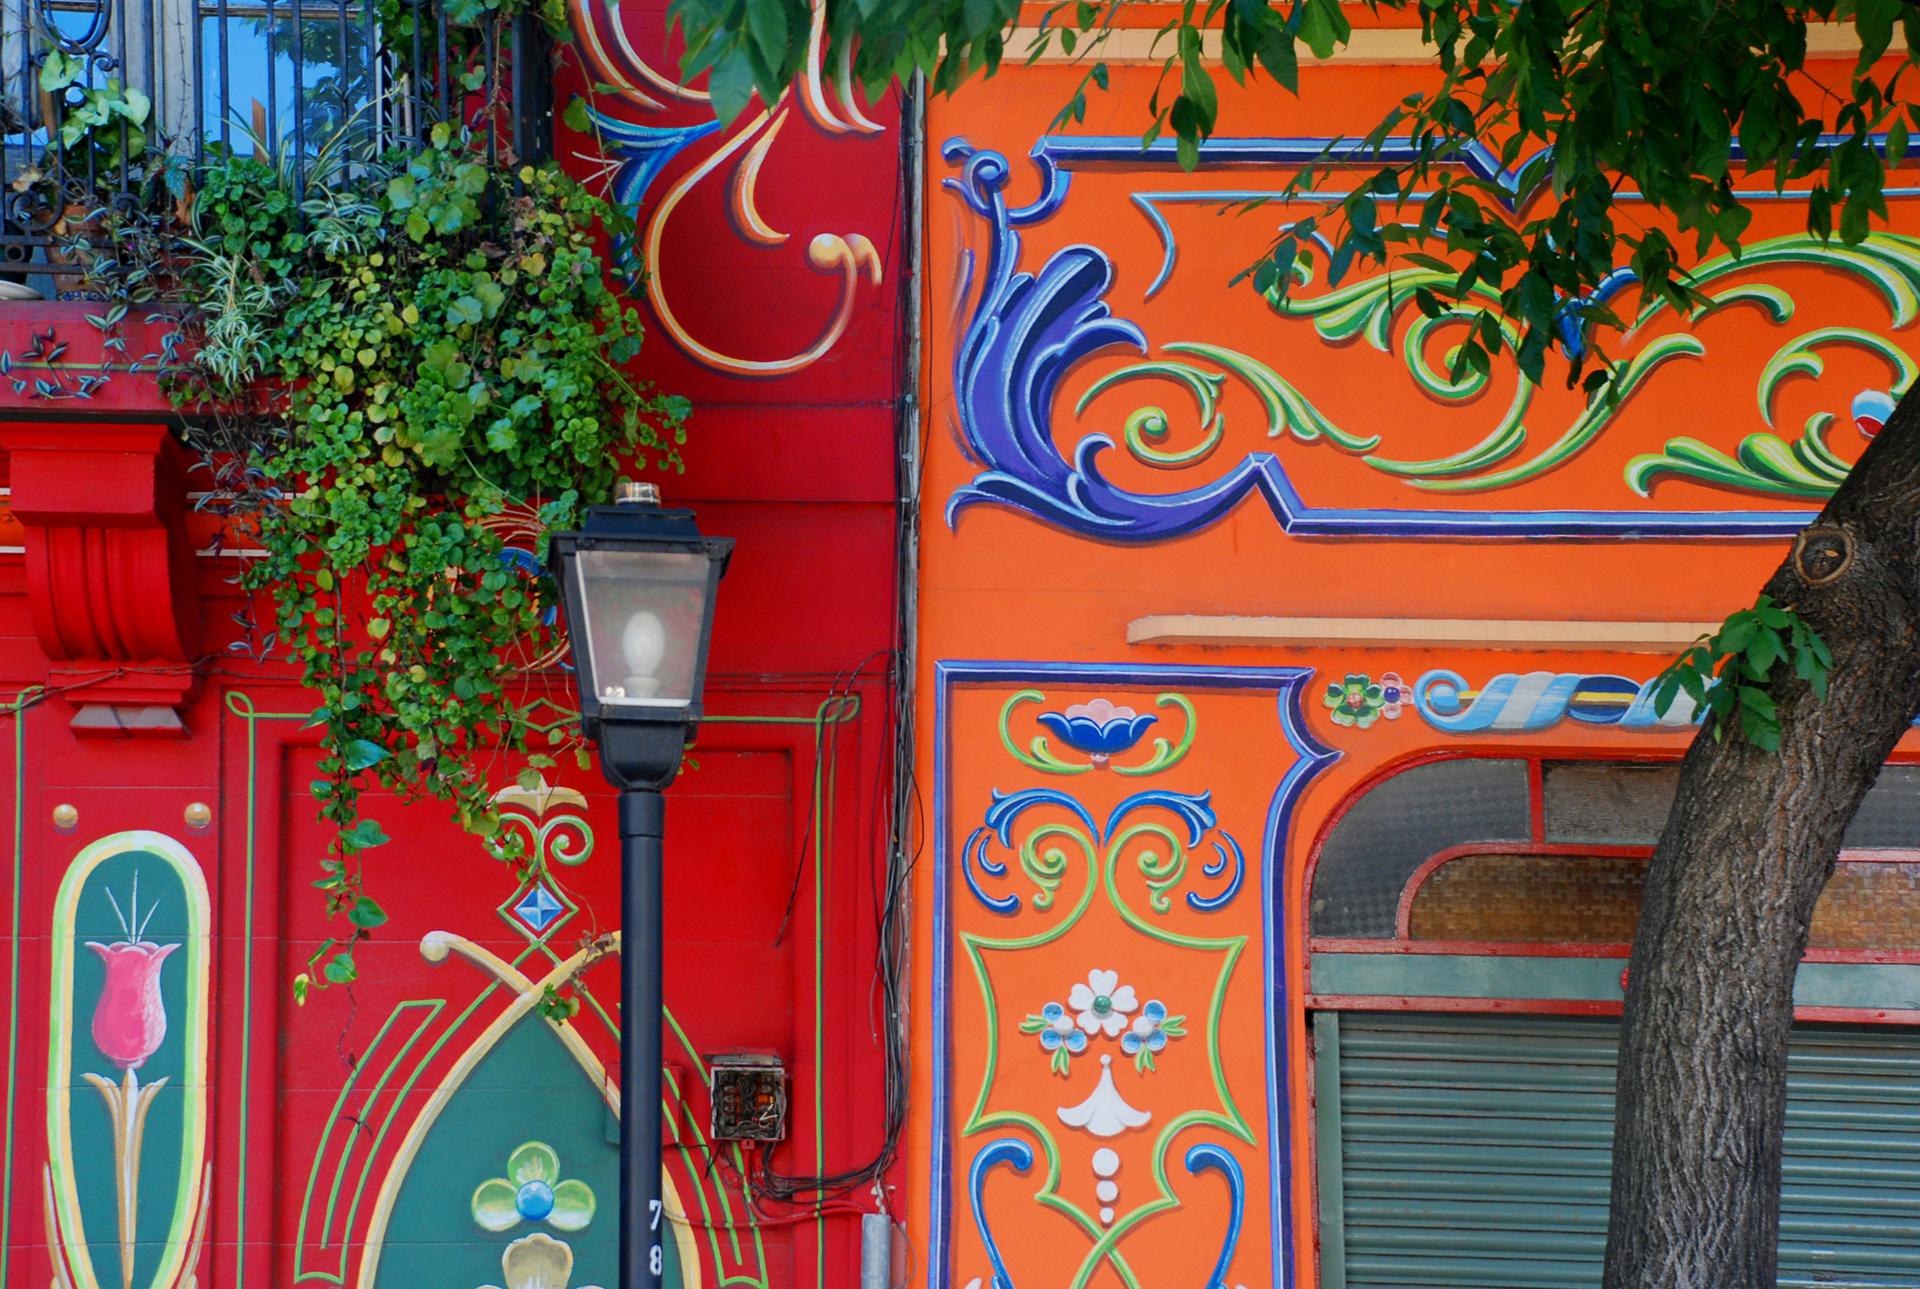 קירות מדברים - בואנוס איירס - קרלוס גרדל - יואל שתרוג - אדמה יוצרת - yoel sitruk